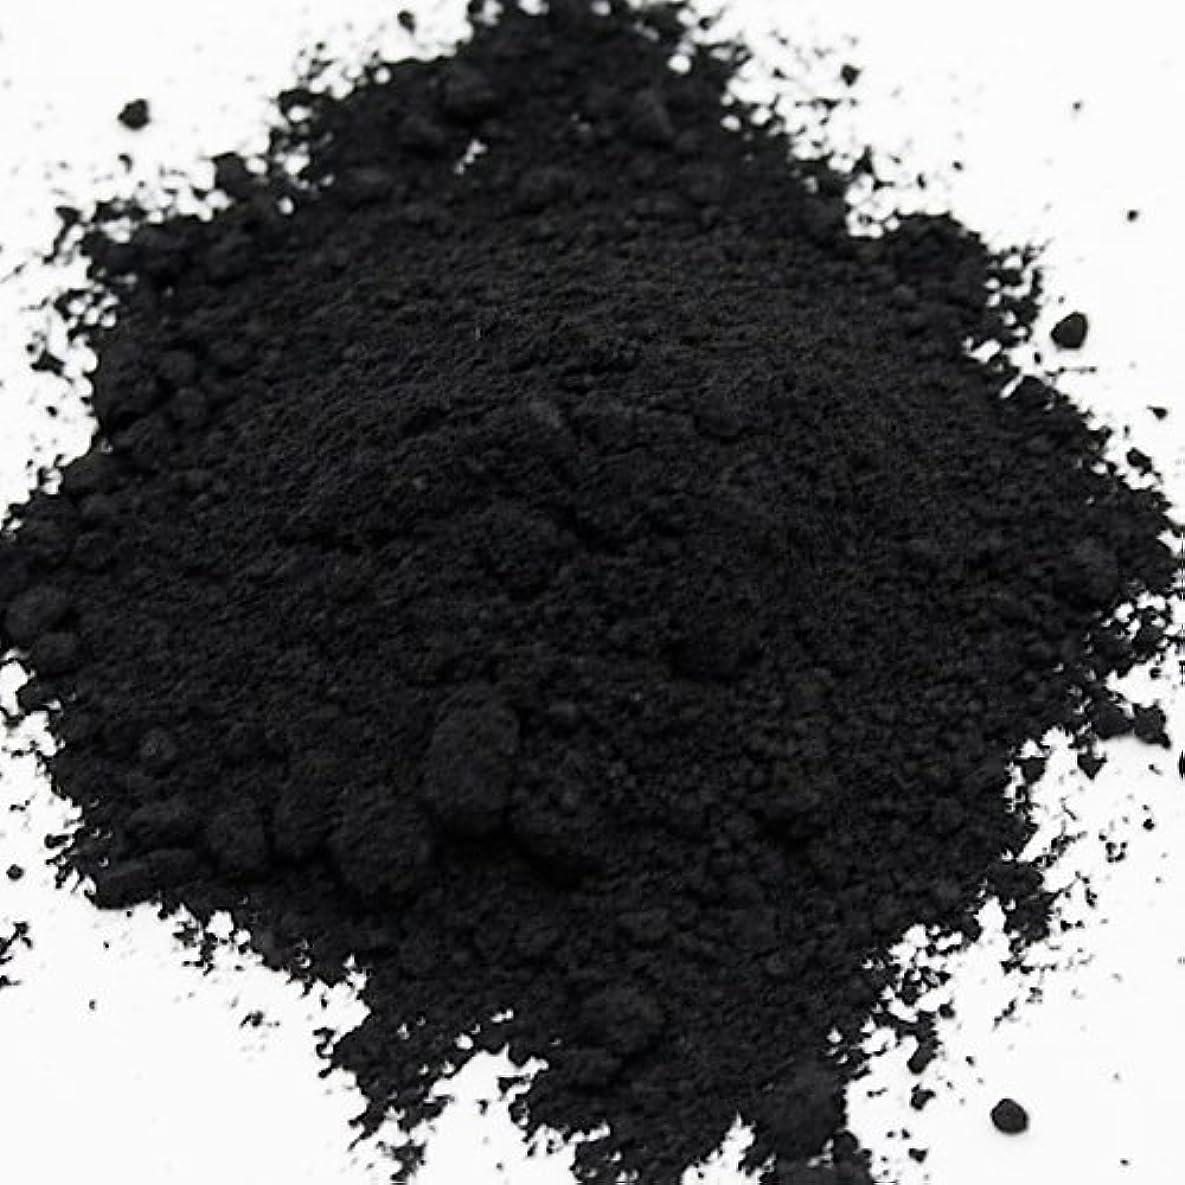 絞る強いますダンプ酸化鉄 ブラック 20g 【手作り石鹸/手作りコスメ/色付け/カラーラント/黒】